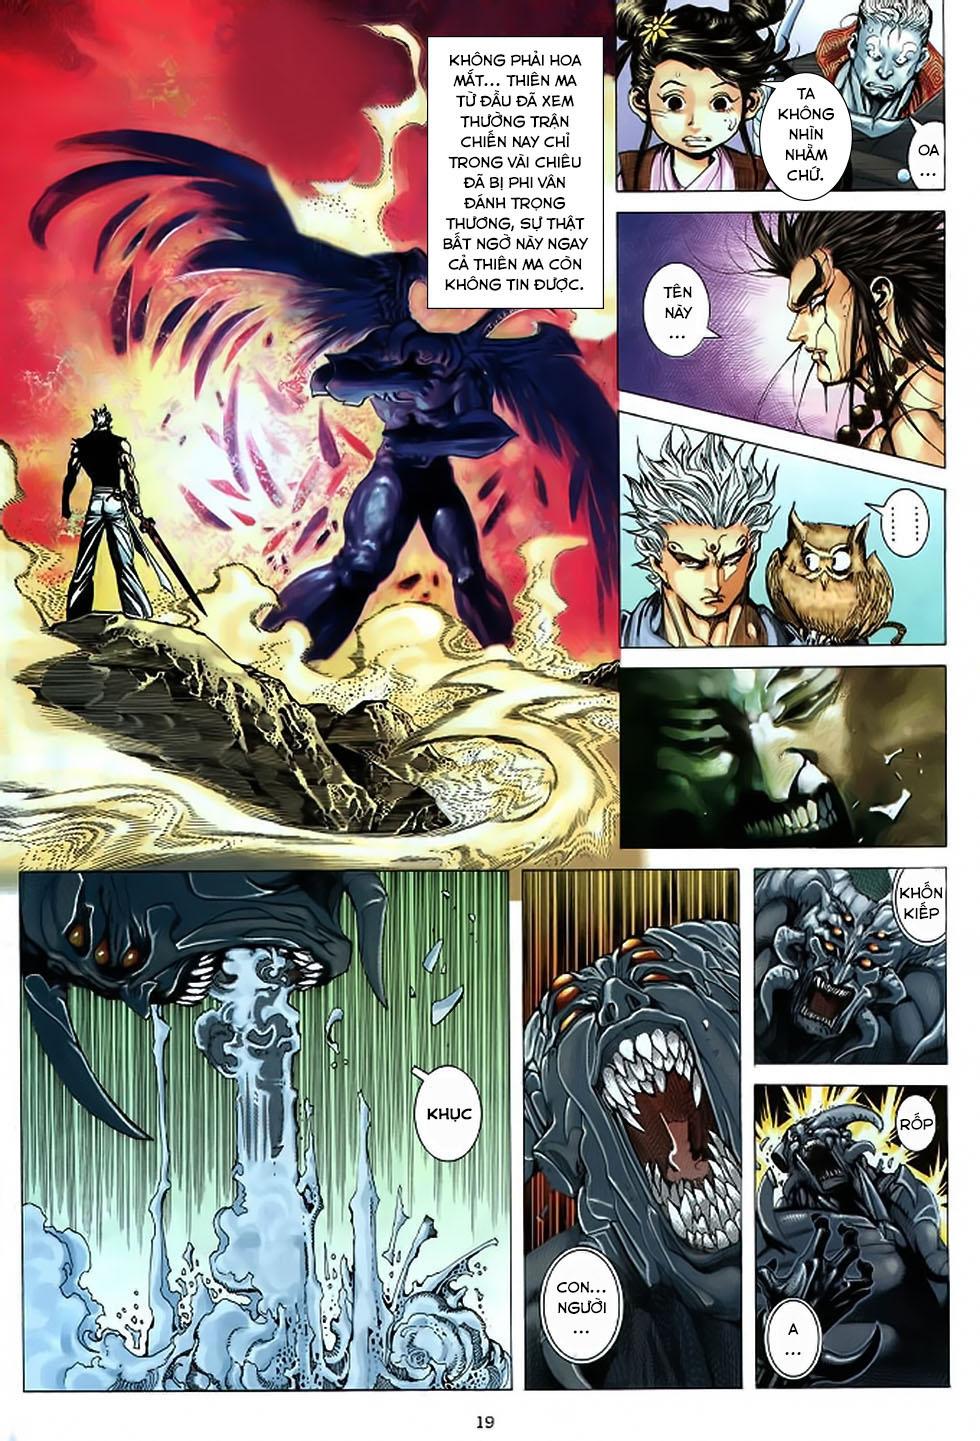 Chiến Thần Ký chap 39 - Trang 20